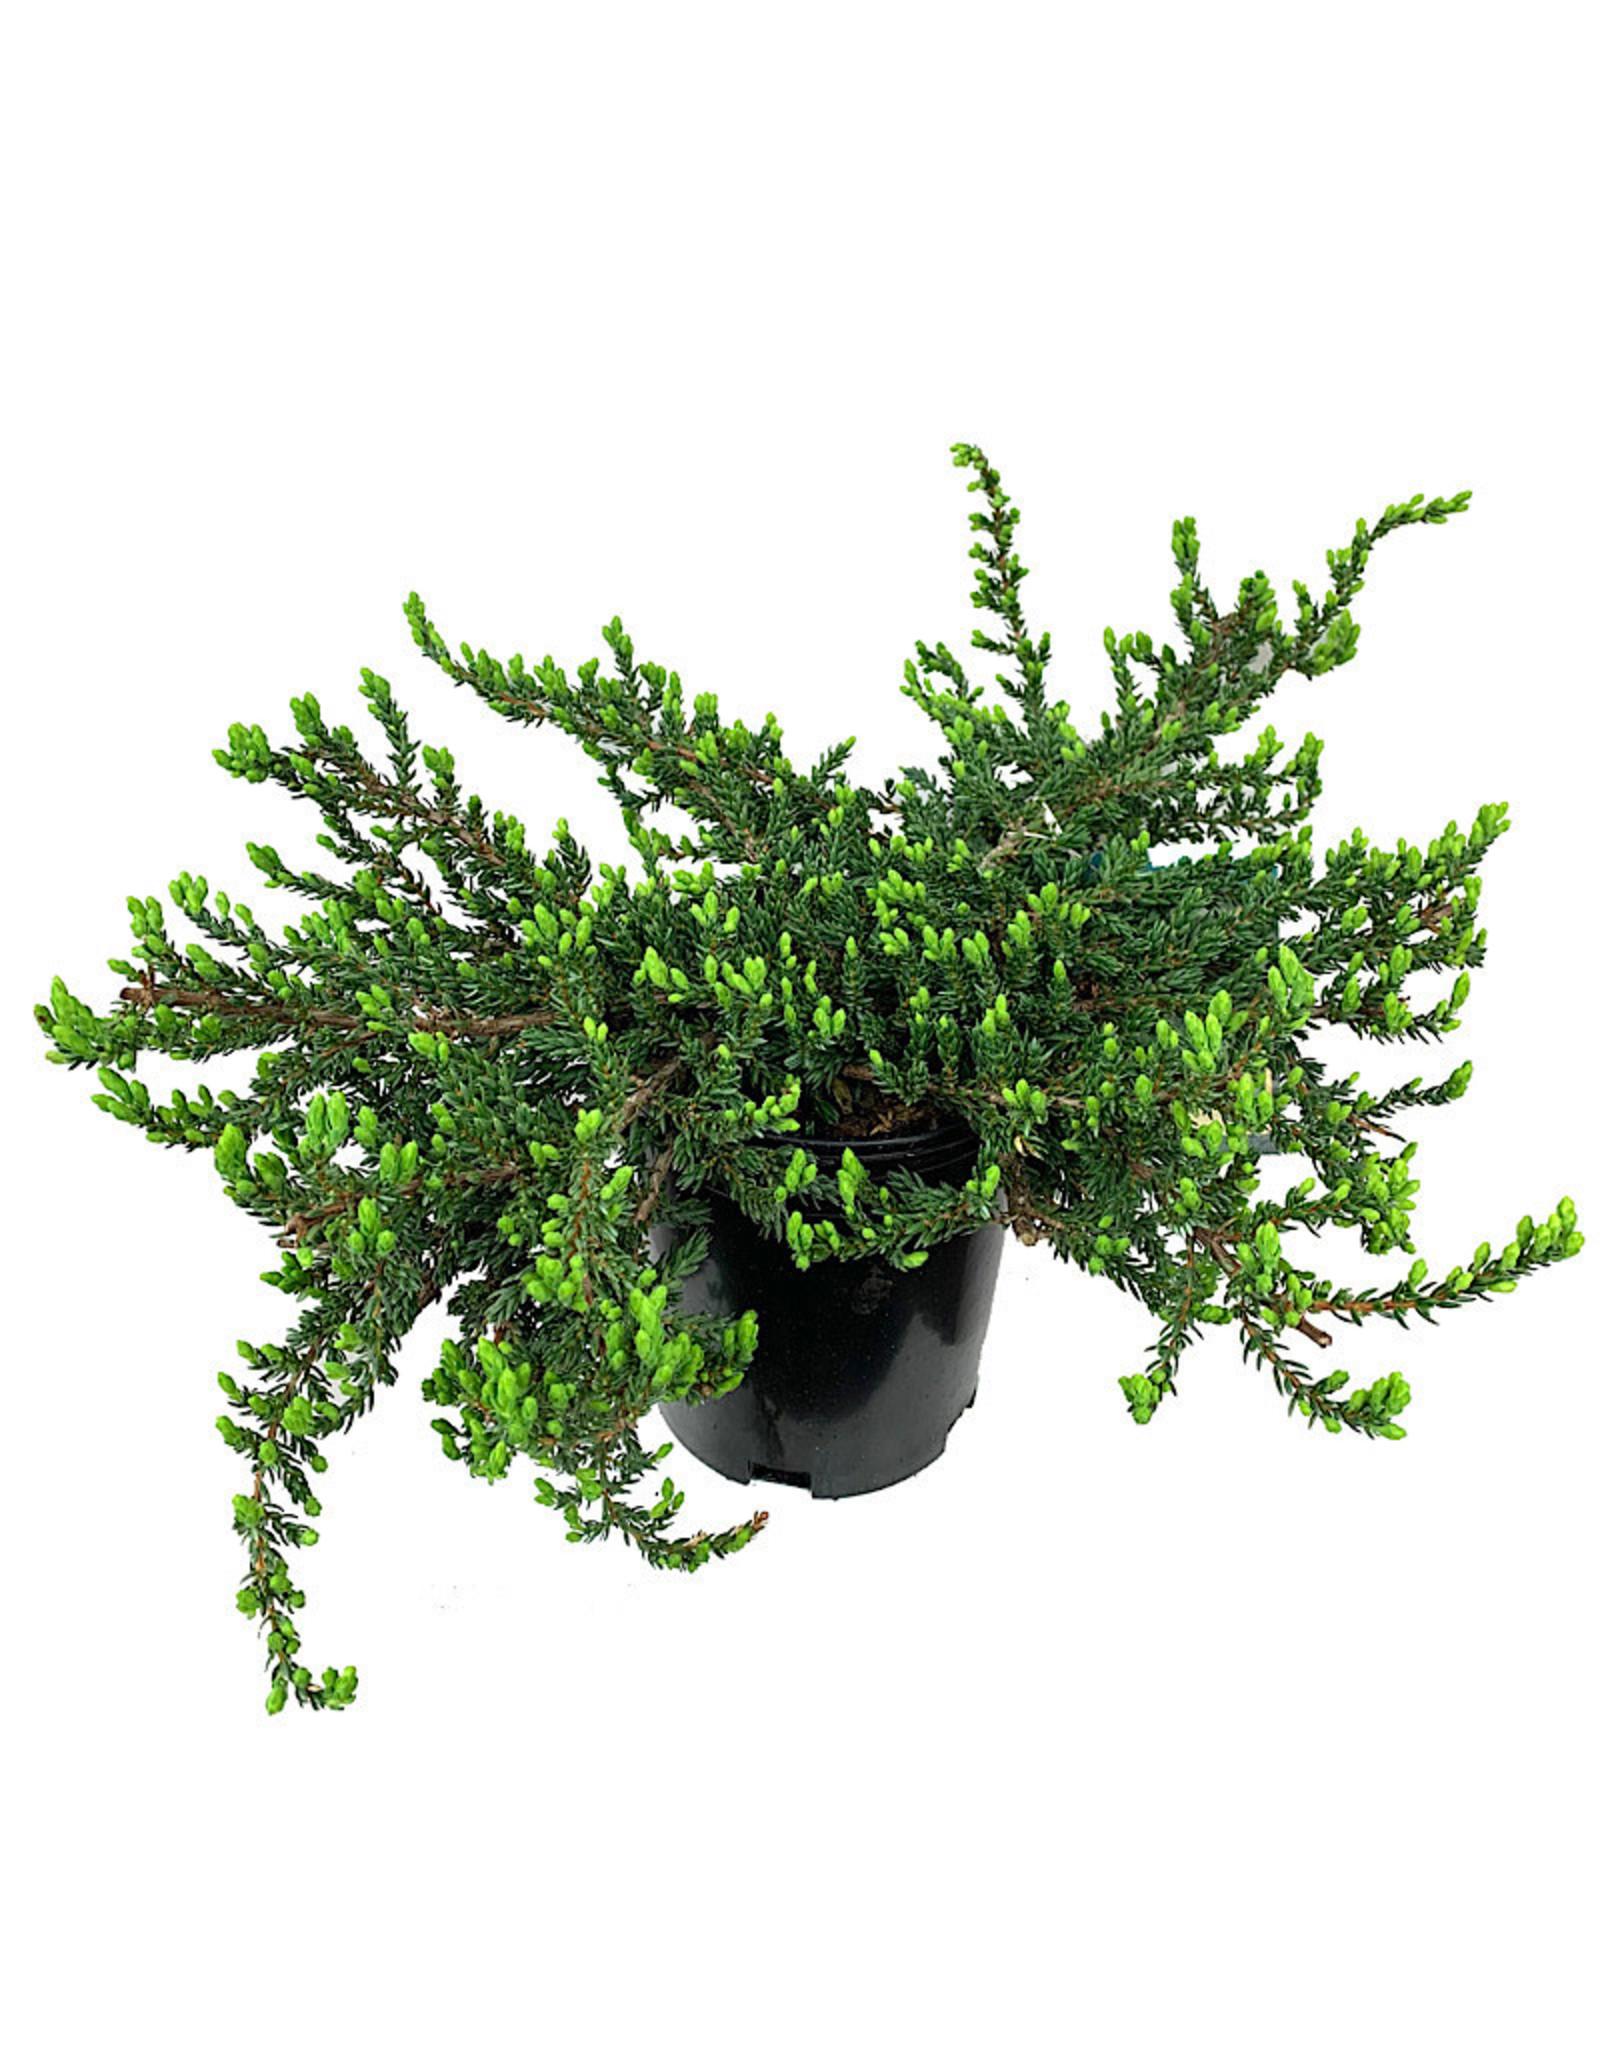 Juniperus communis 'Montana' 1 Gallon